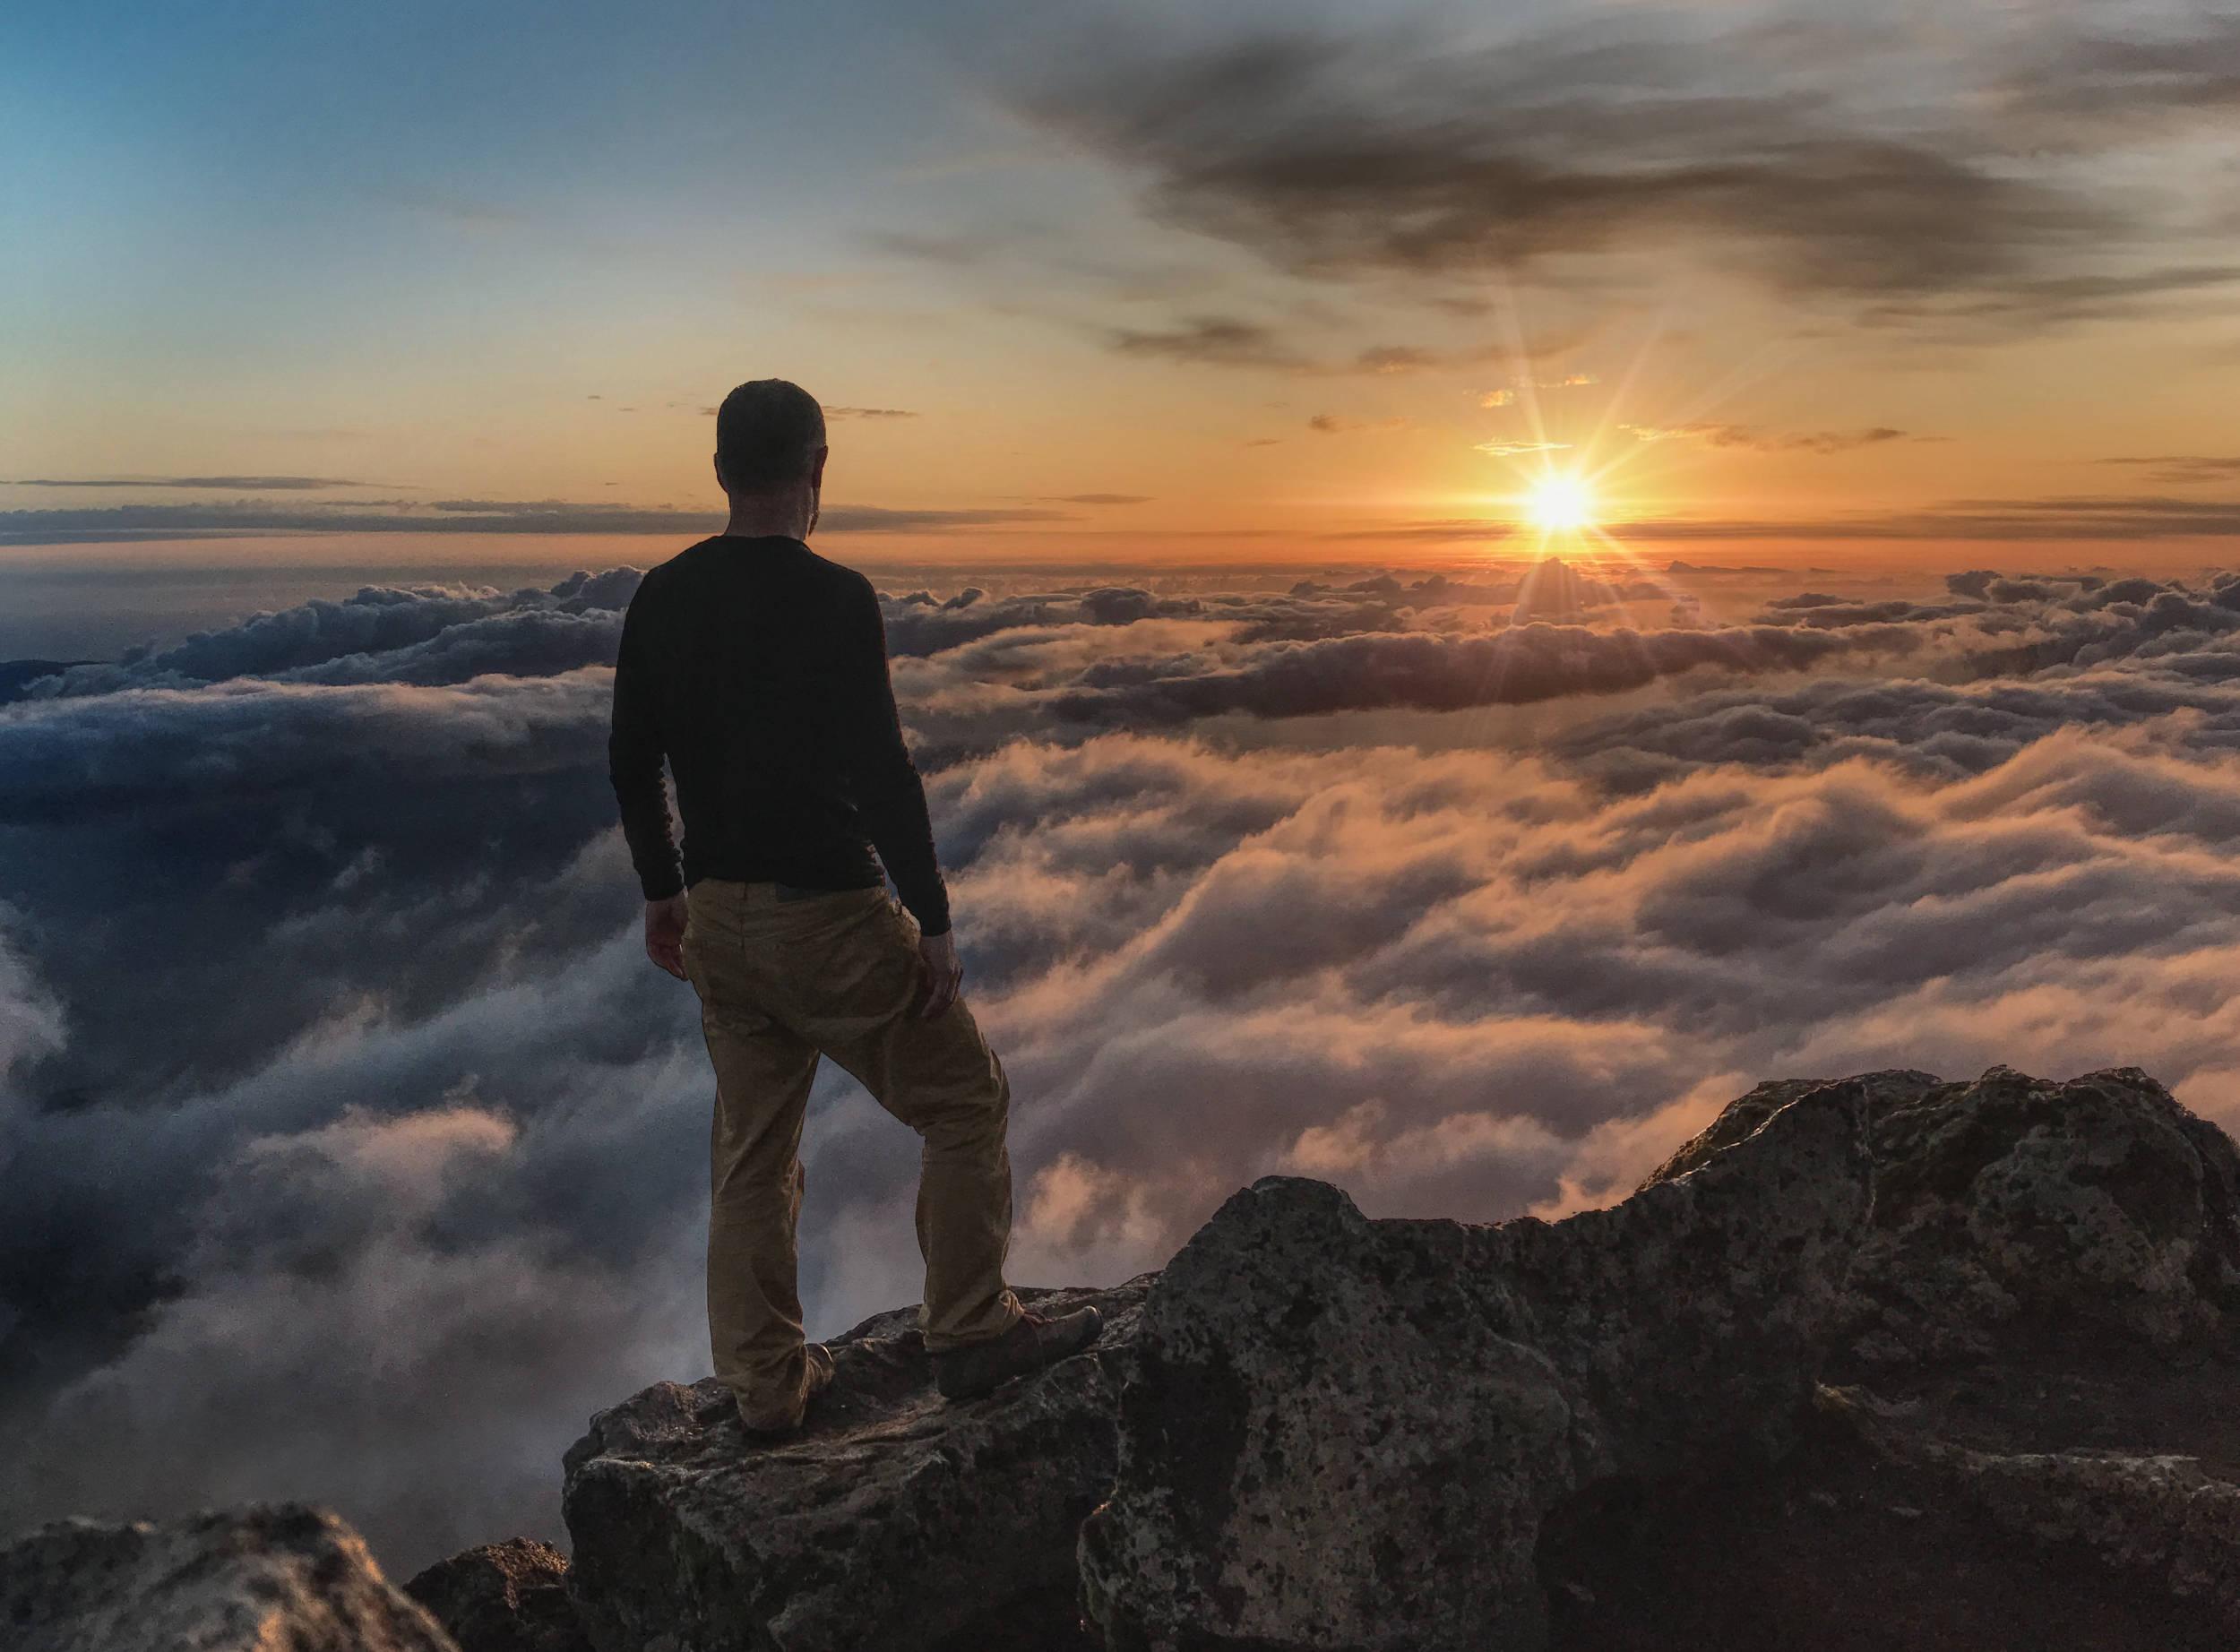 Le soleil se lève sur l'ile de Pico